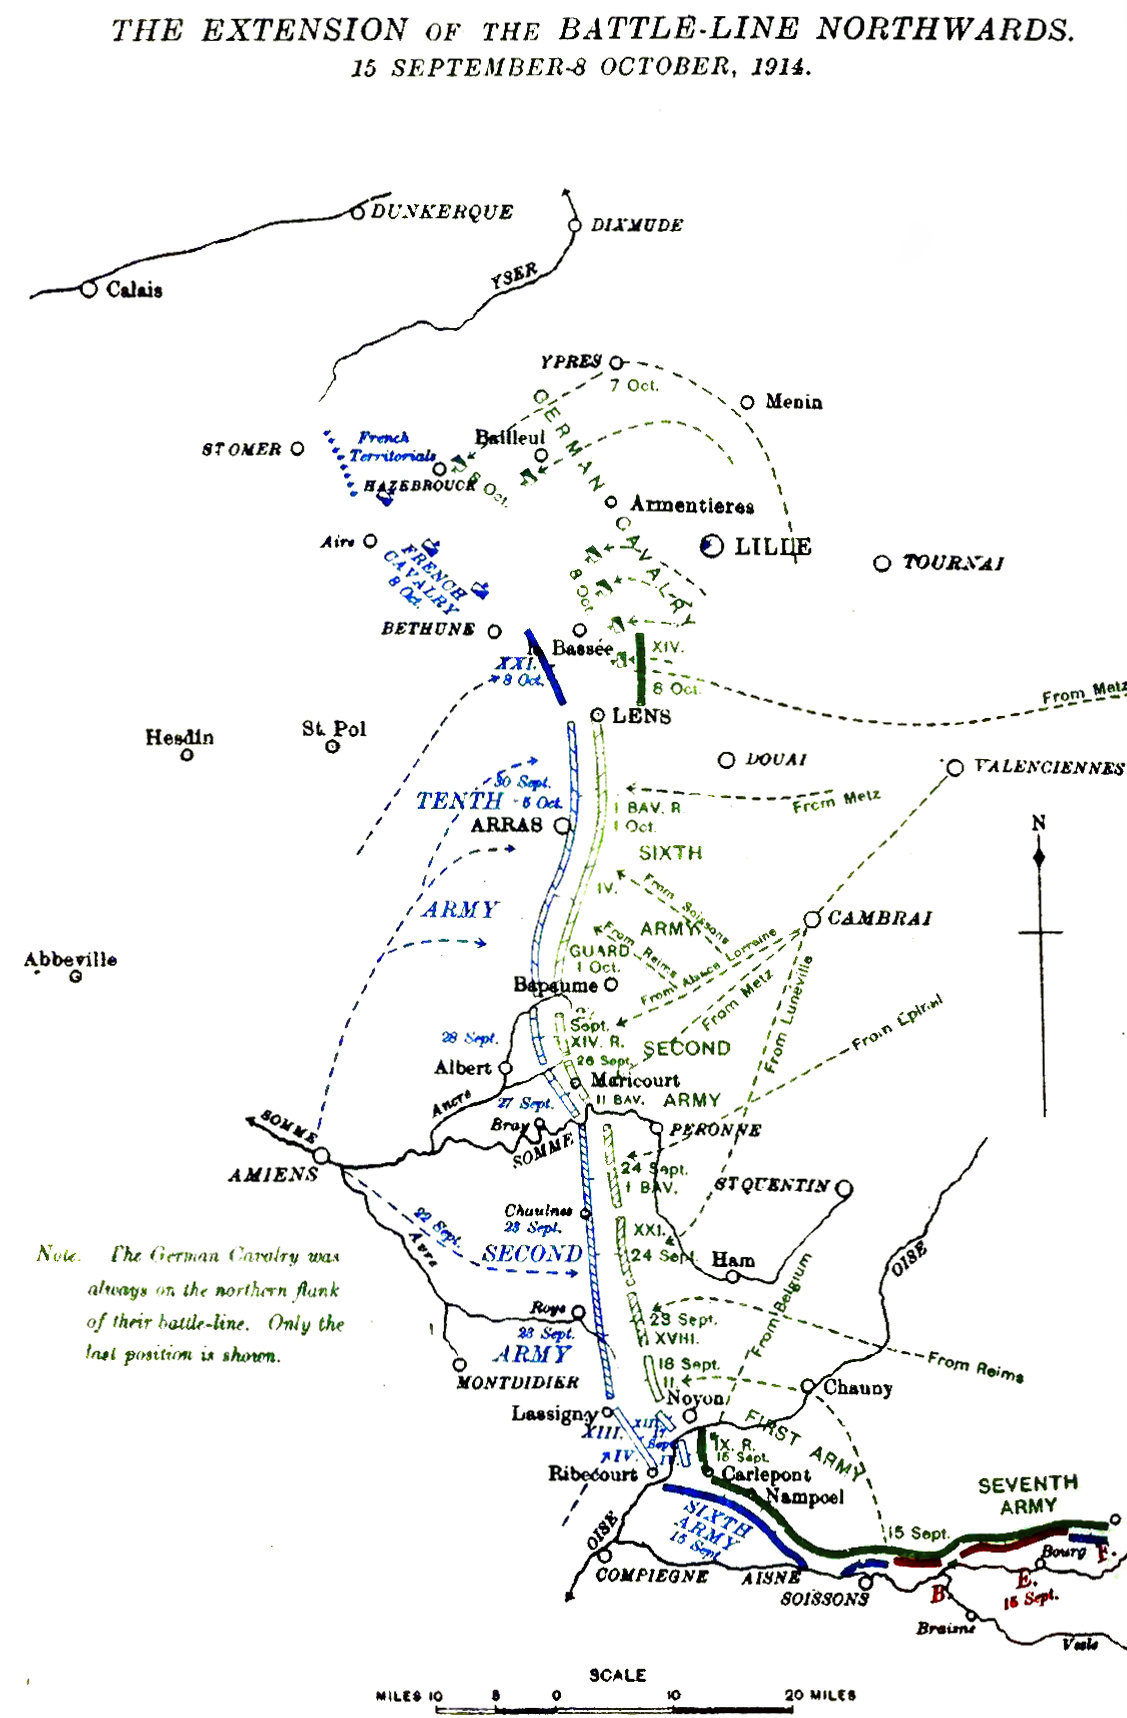 https://i2.wp.com/upload.wikimedia.org/wikipedia/commons/e/e6/Franco-German_flanking_moves%2C_15_September_-_8_October_1914.jpg